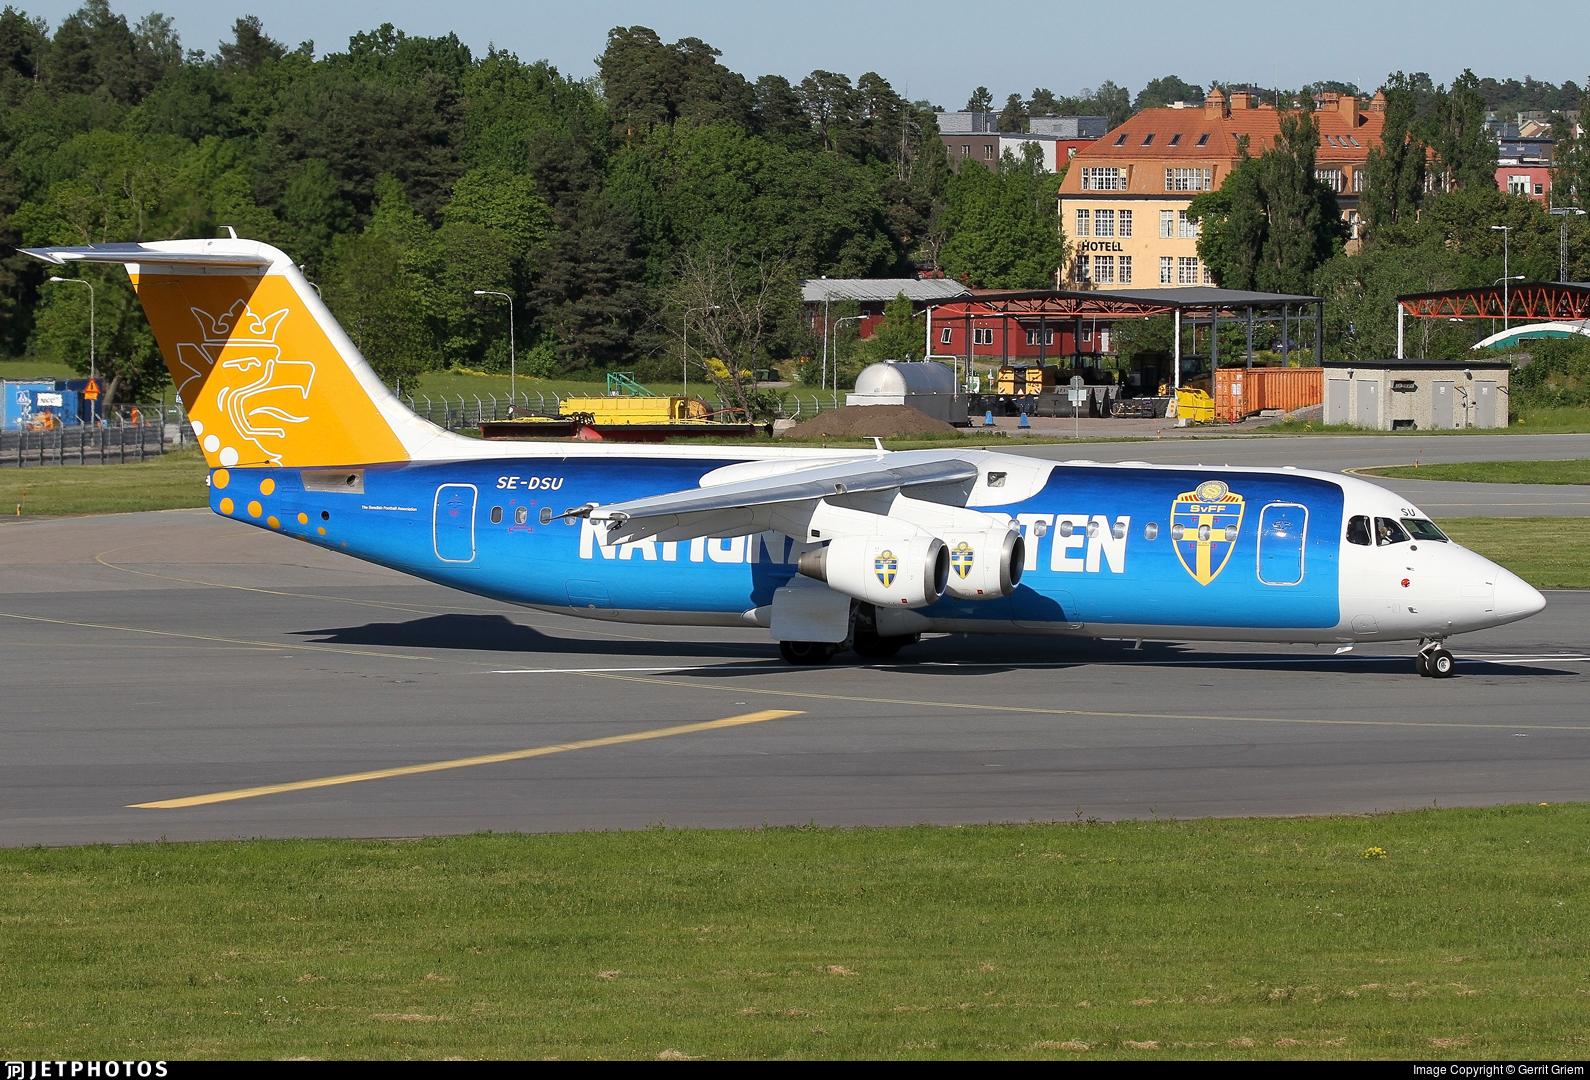 SE-DSU - British Aerospace Avro RJ100 - Malmö Aviation